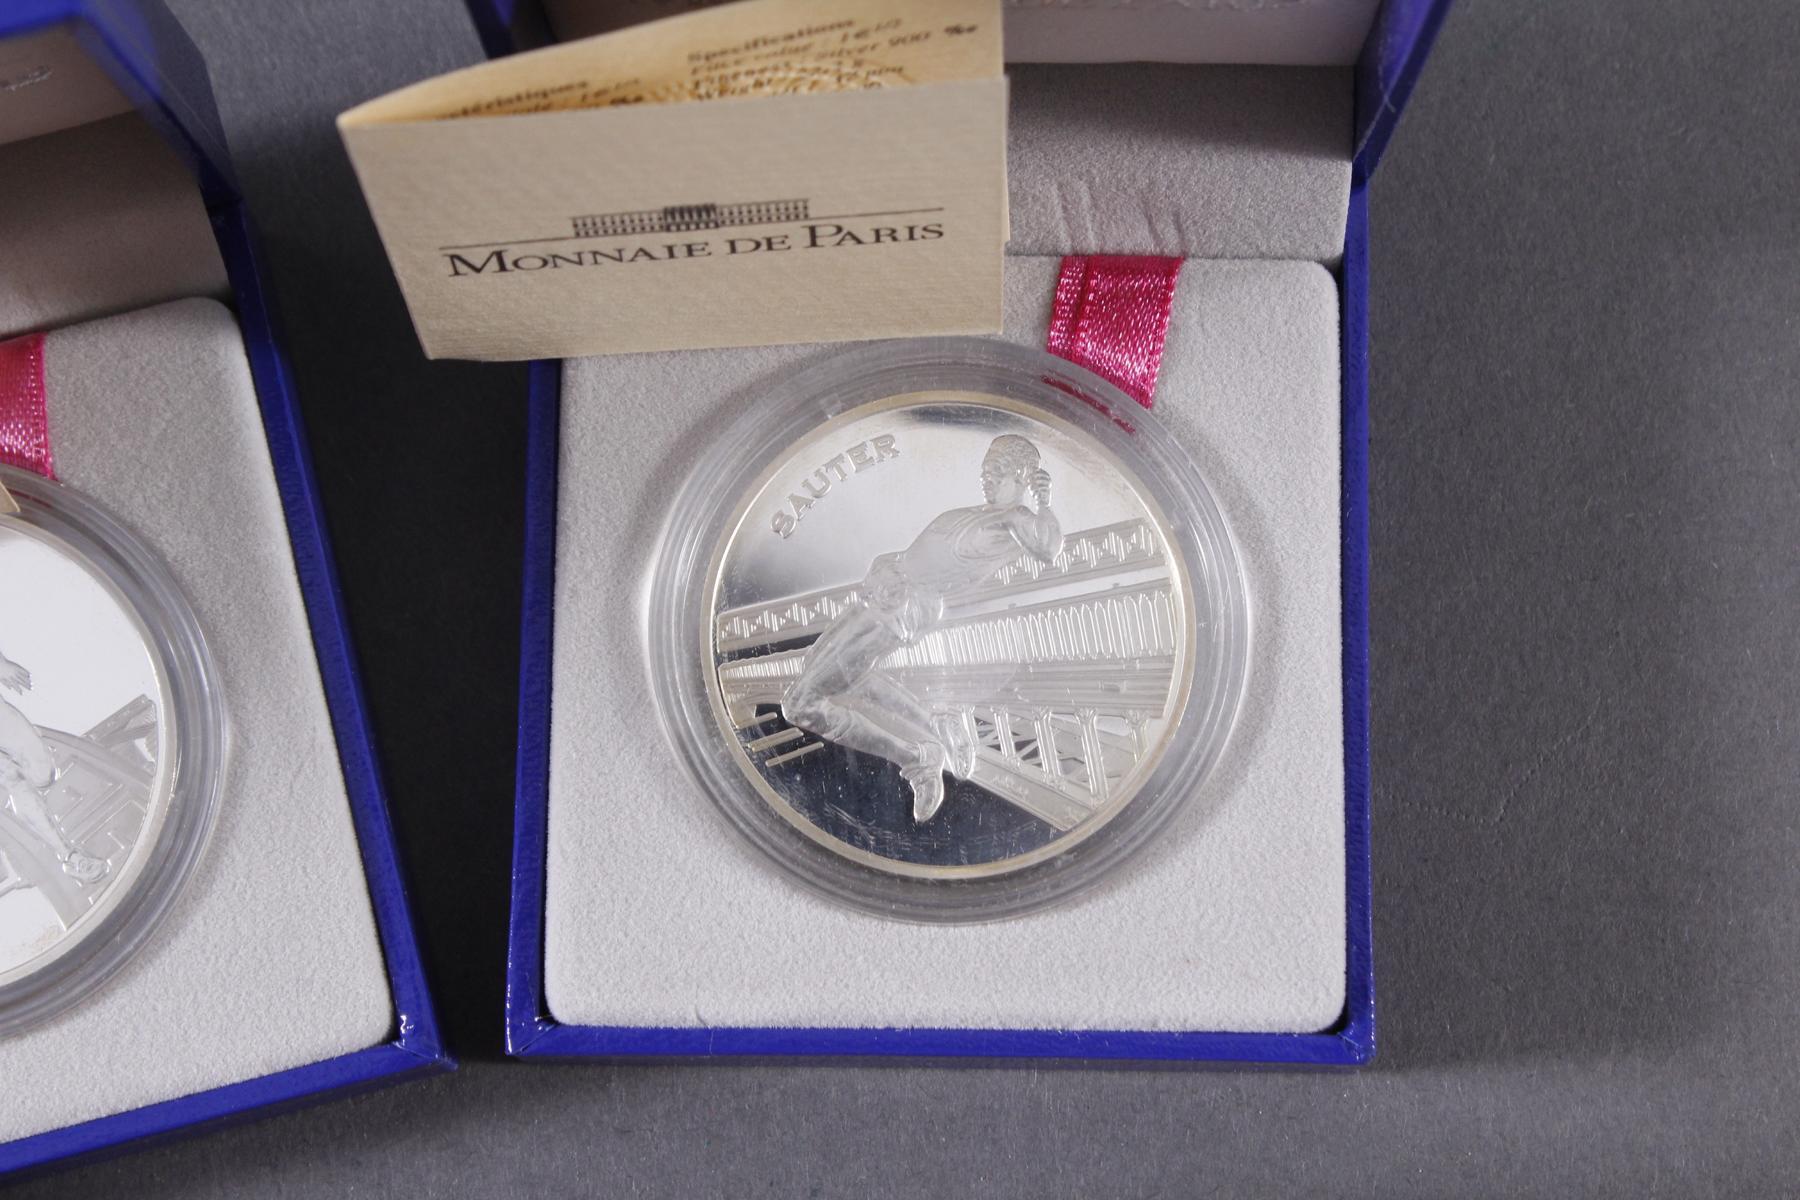 3 Silbermünzen Monnaie de Paris und Olympische Spiele Griechenland 2004-4